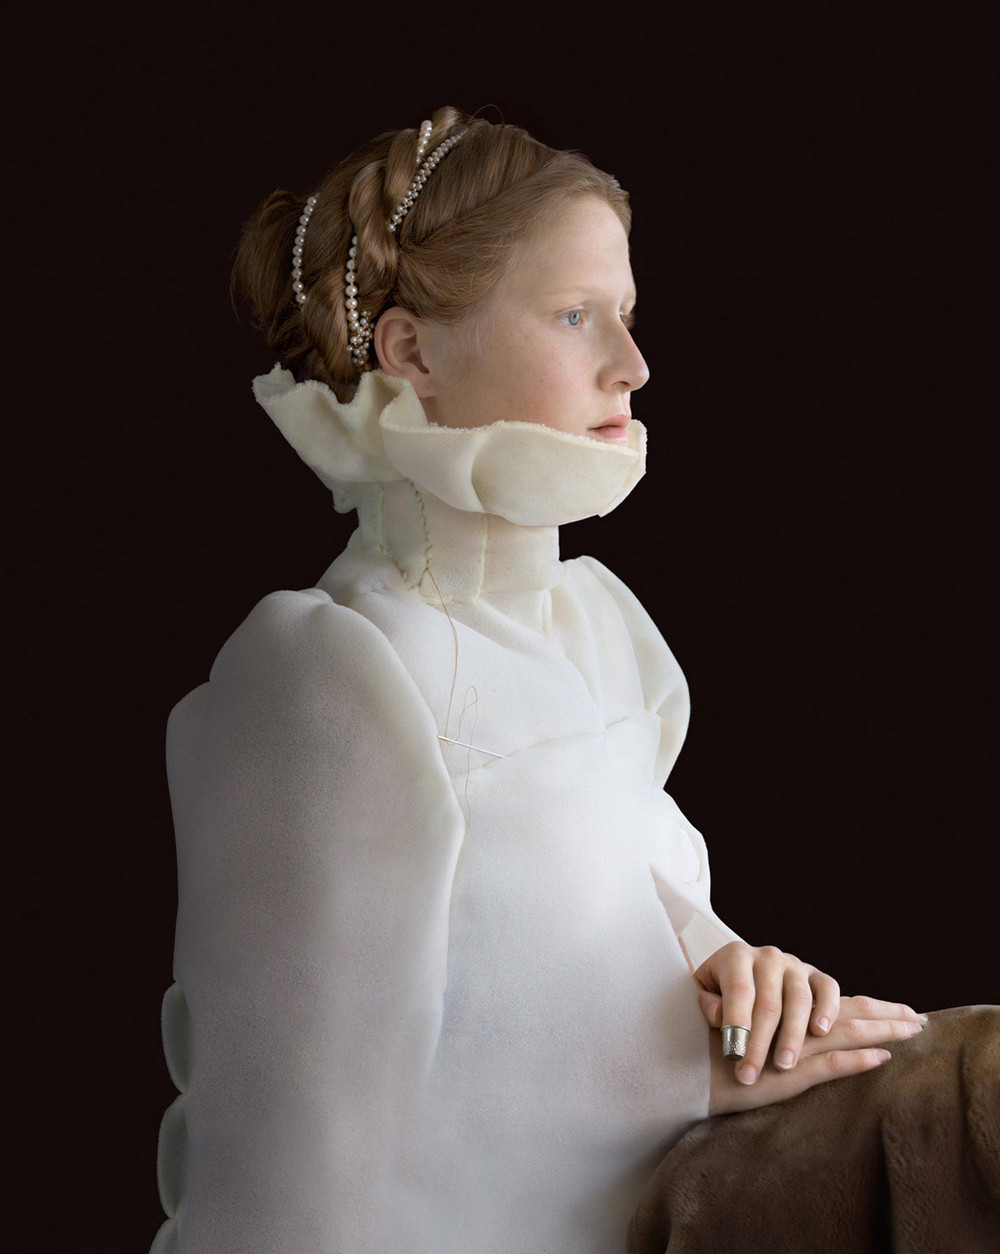 kostyumy-iz-vtorichnyh-materialov-portrety-Syuzanna-Yongmans 26